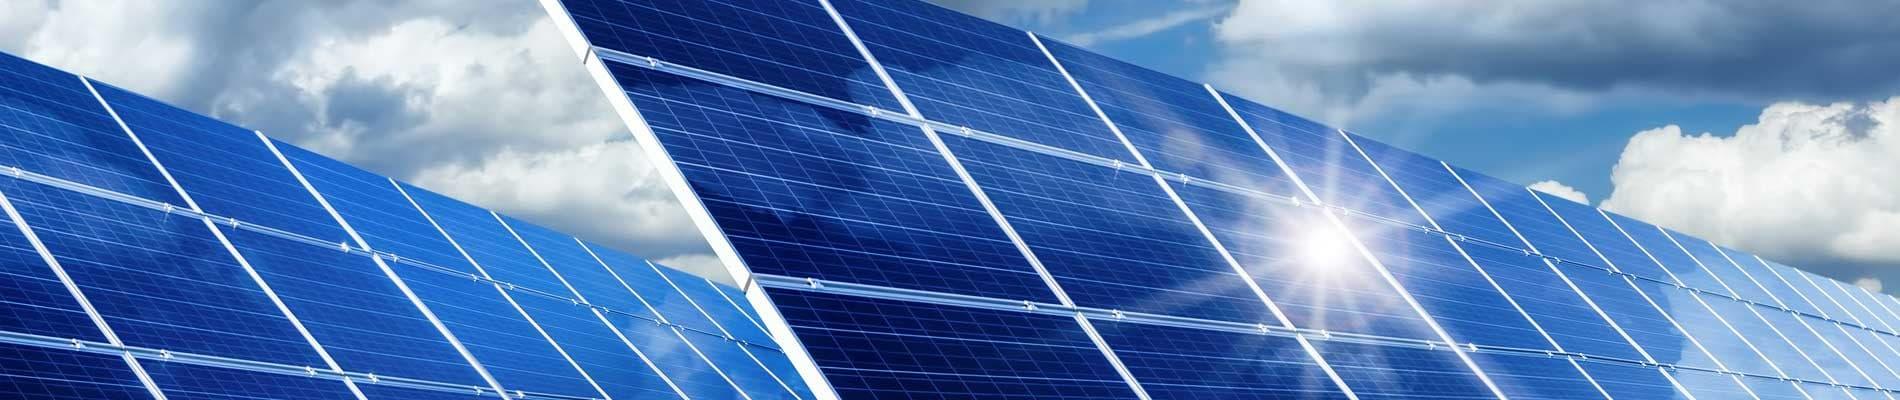 Energia e fonti rinnovabili